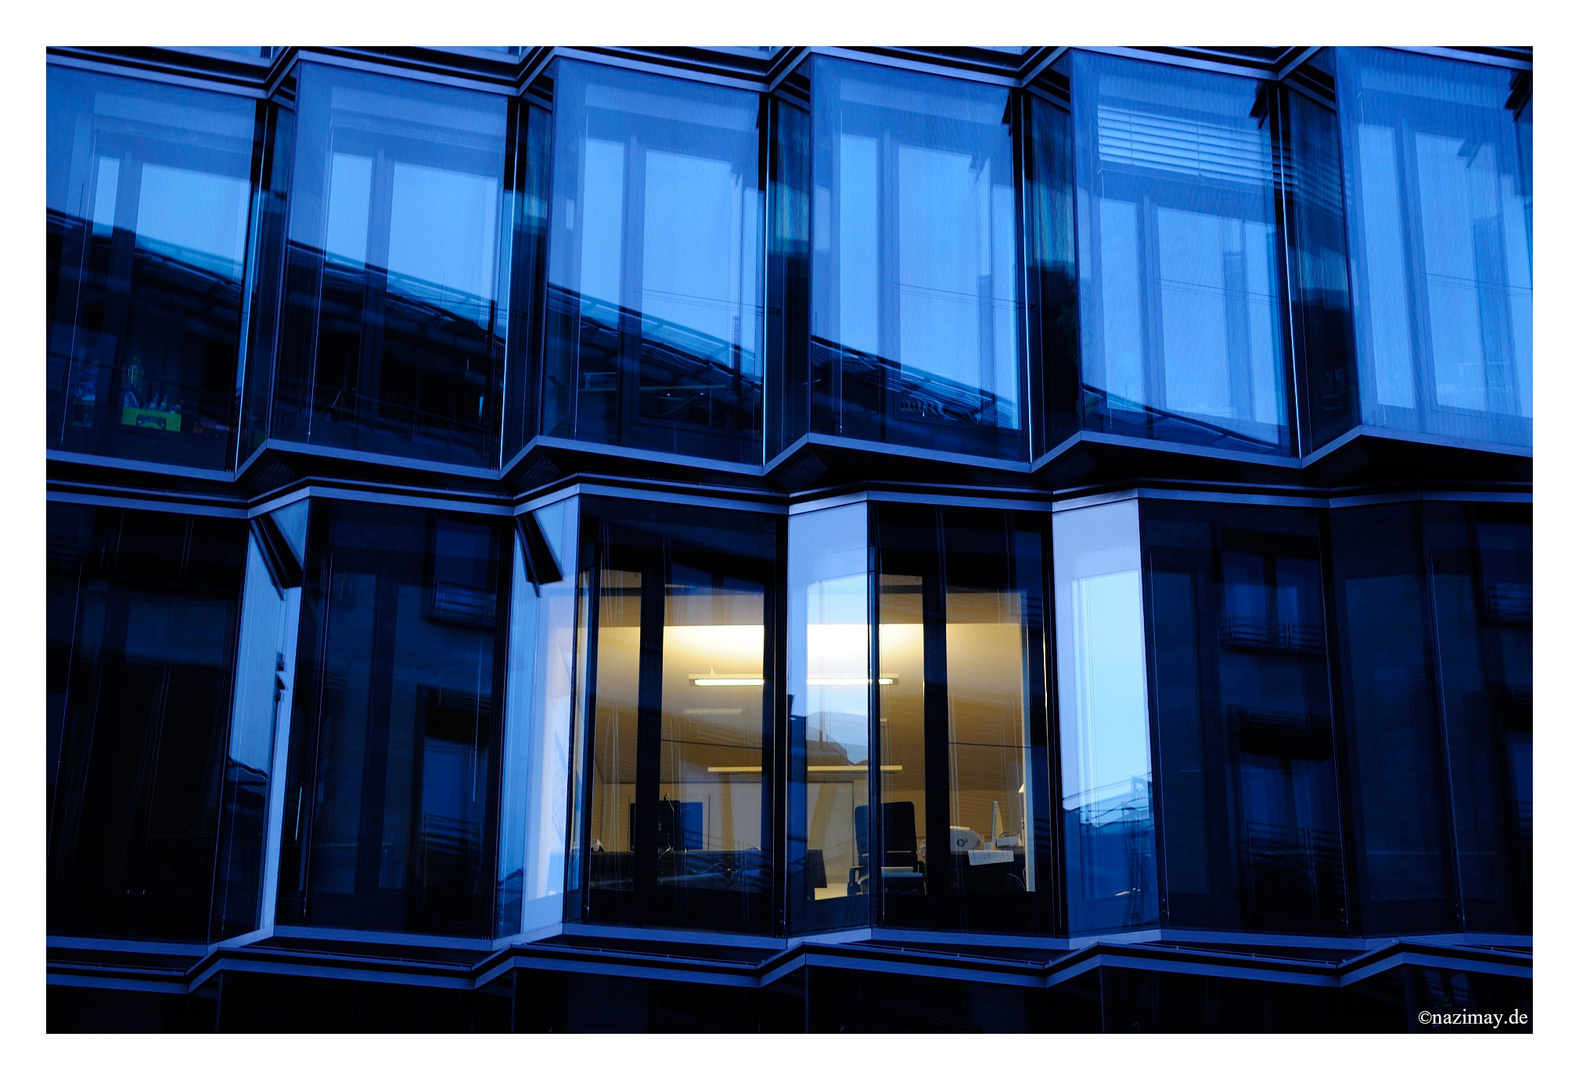 Berlin - Büros bei Nacht